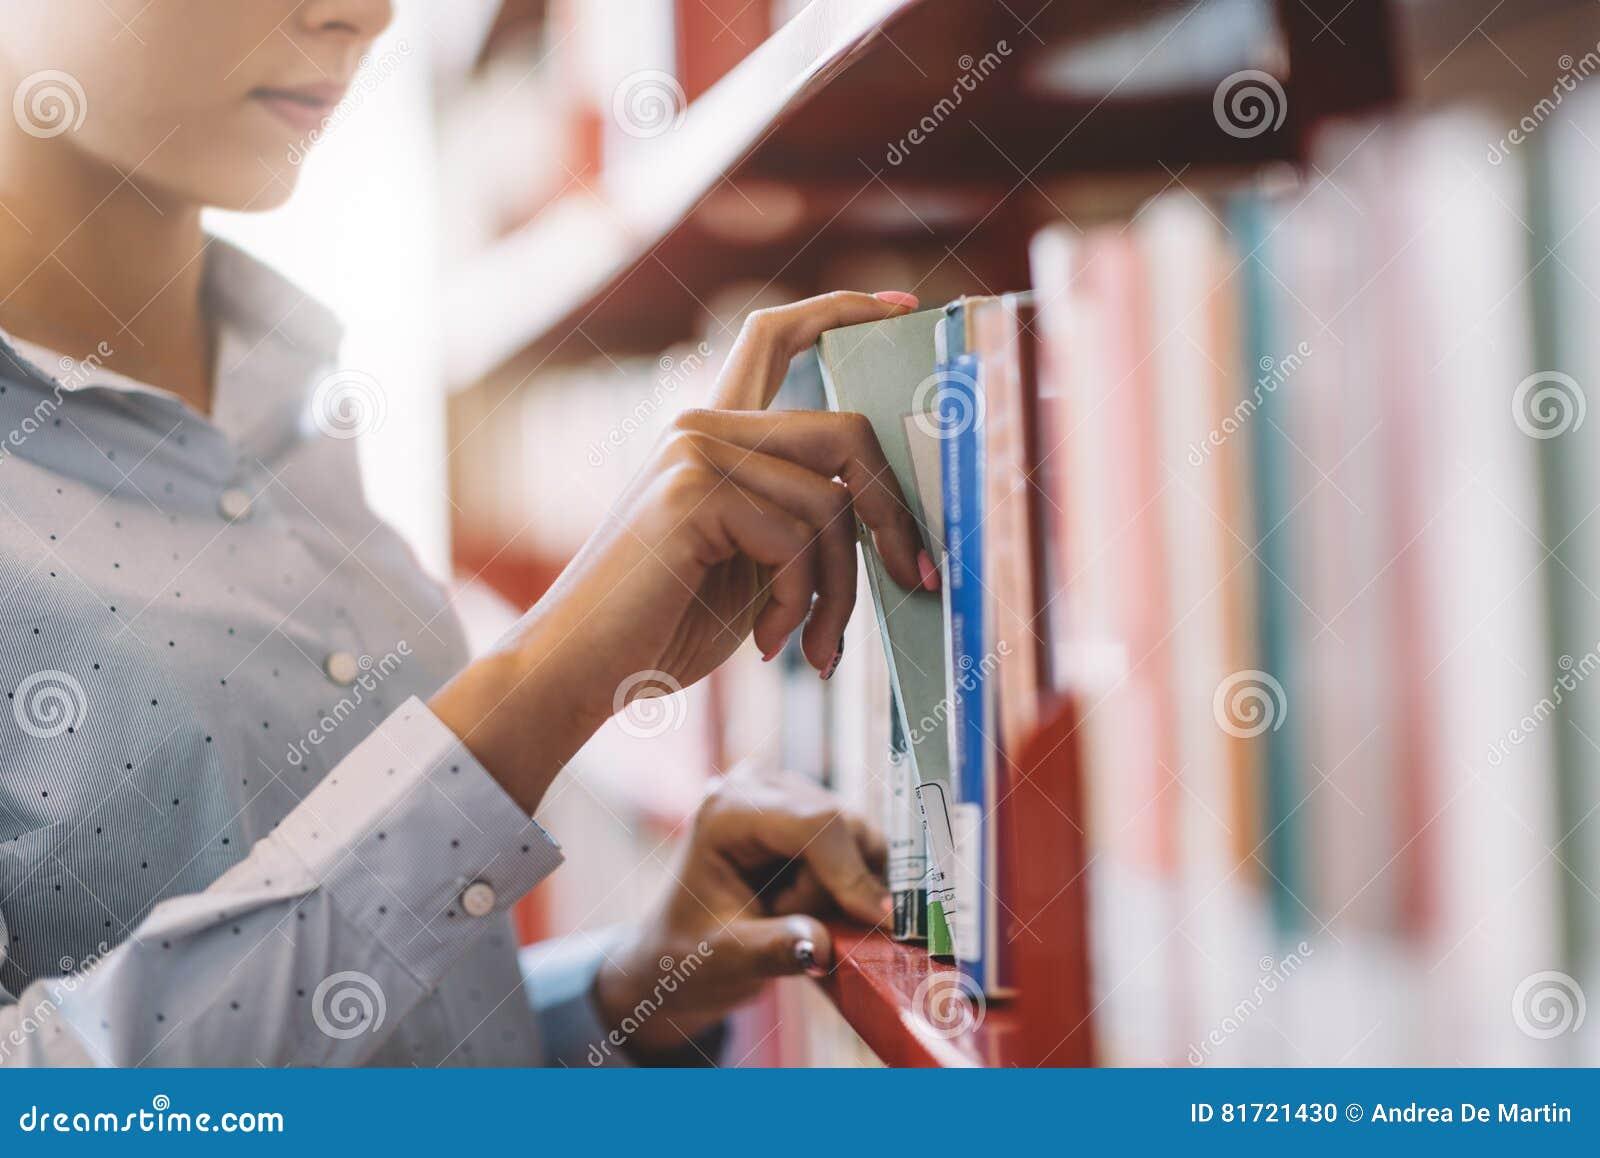 Σπουδαστής που ψάχνει τα βιβλία